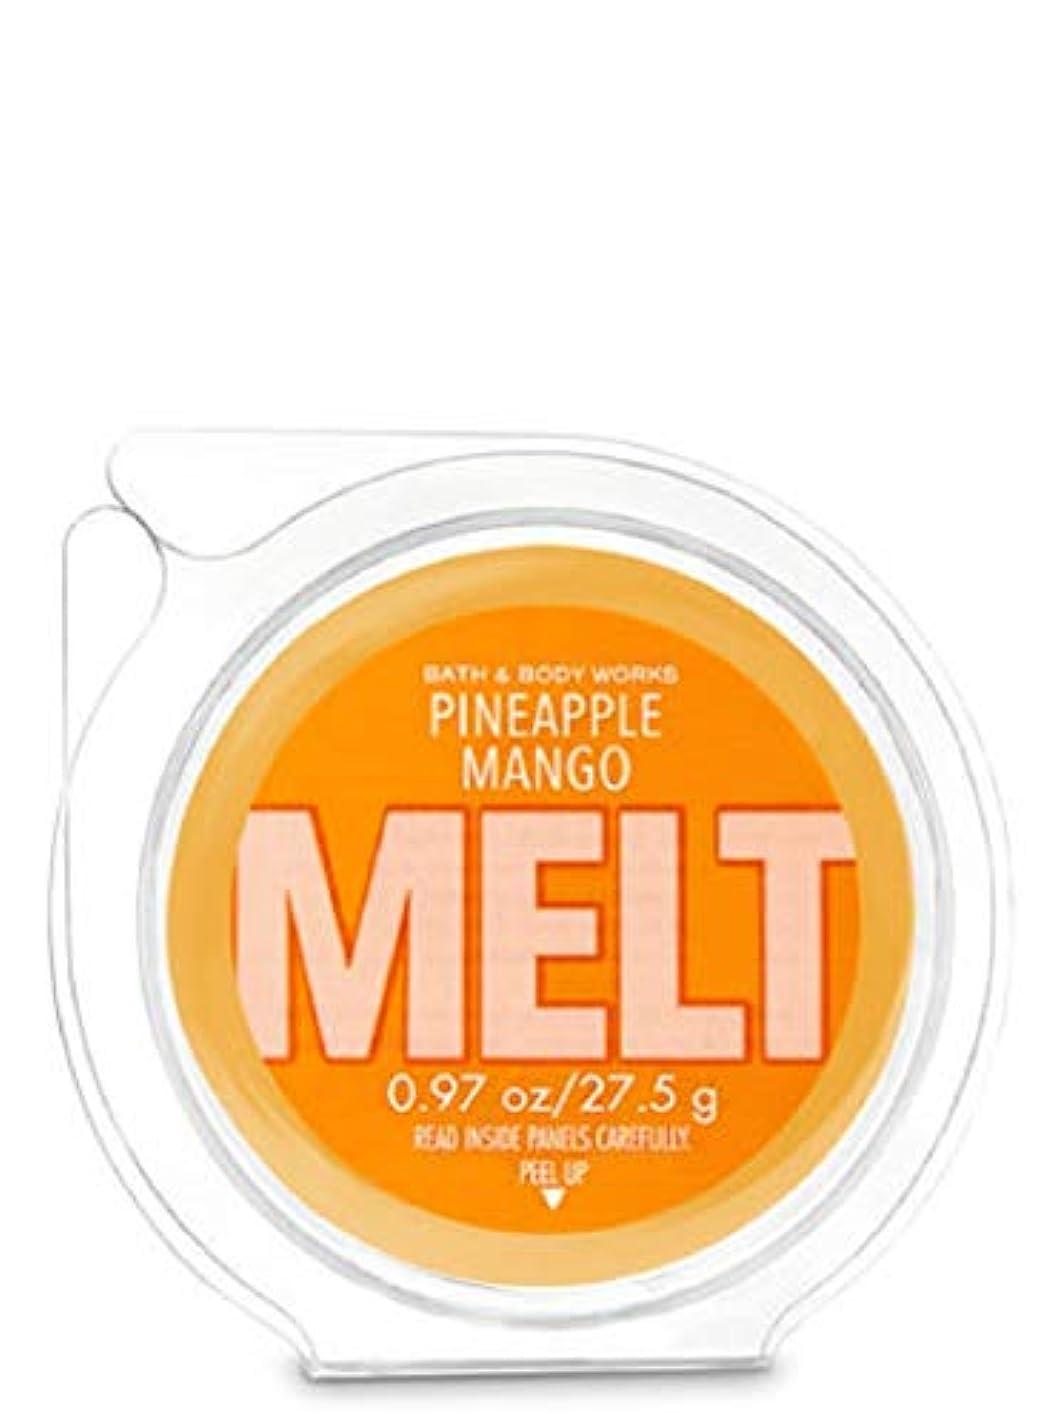 そんなに路地古風な【Bath&Body Works/バス&ボディワークス】 フレグランスメルト タルト ワックスポプリ パイナップルマンゴー Wax Fragrance Melt Pineapple Mango 0.97oz/27.5g